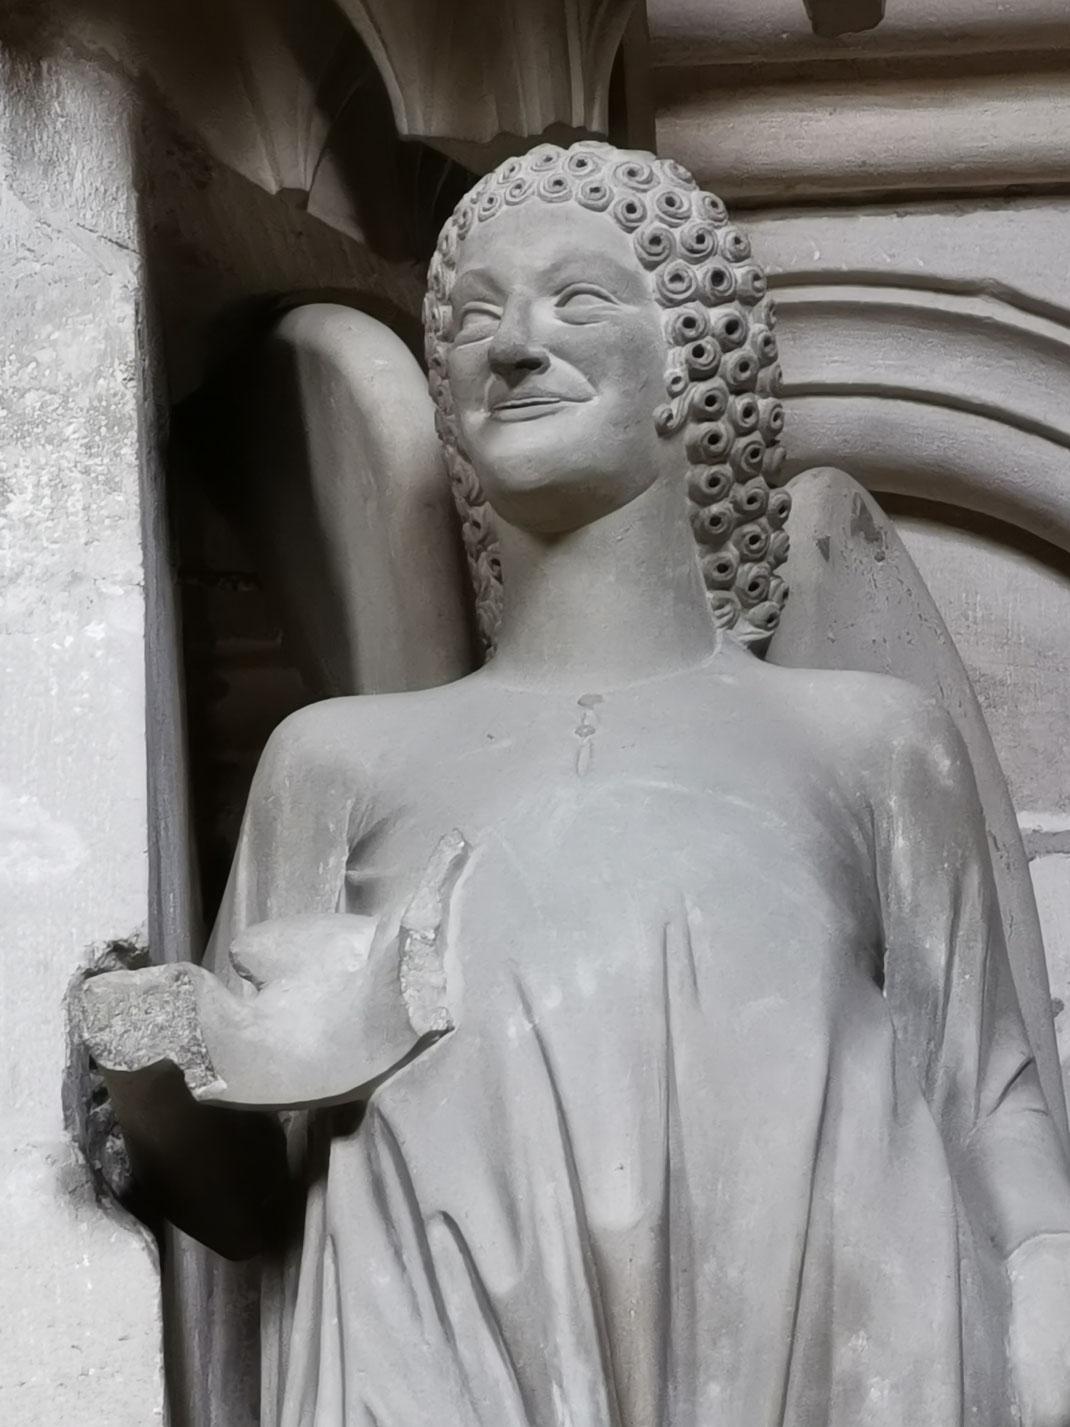 Mittelalterliche Skulptur in Bamberg, Bamberger Lächeln, Sandstein, Grüner Mainsandstein, Gotik, Hochgotik, Unbekannte Bildhauer